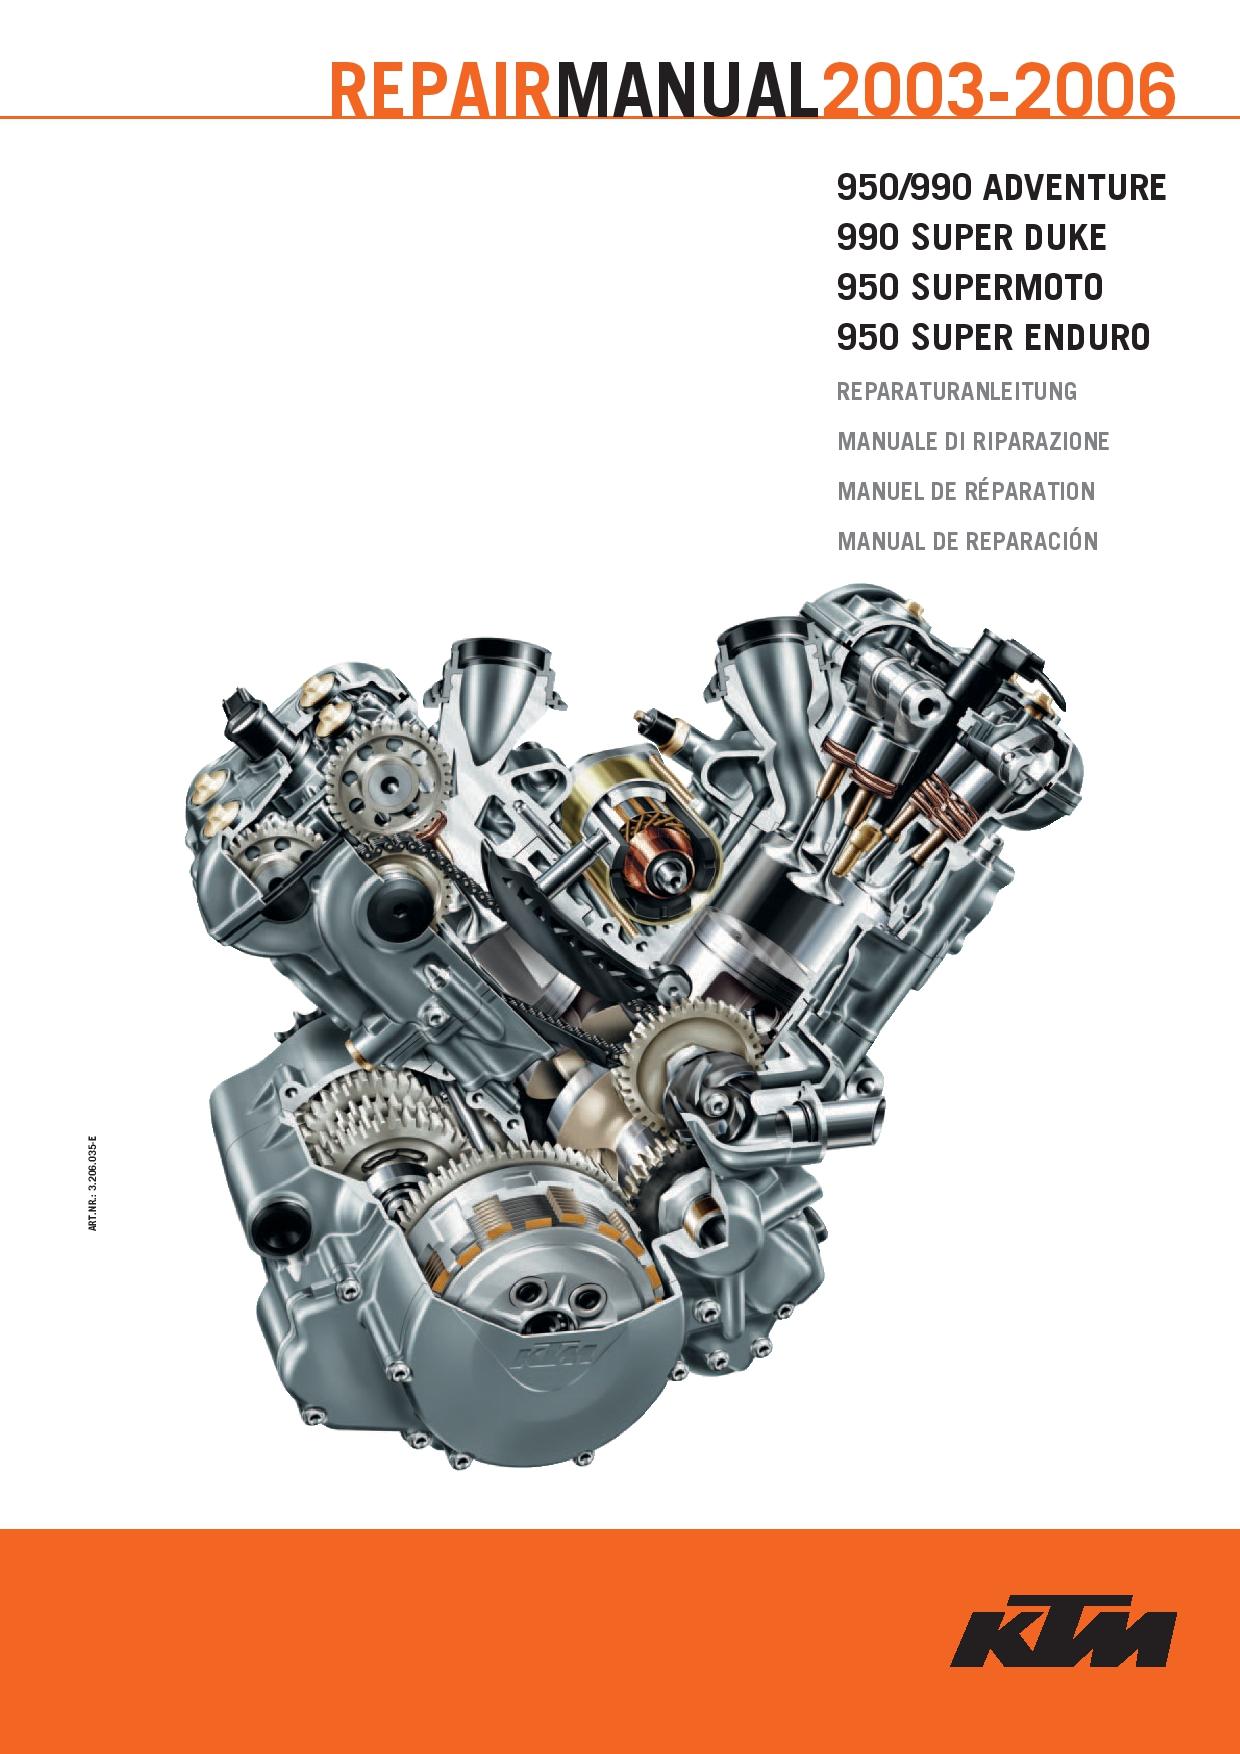 KTM LC8 2003 2006 Repair Manual PDF Download - Service ...